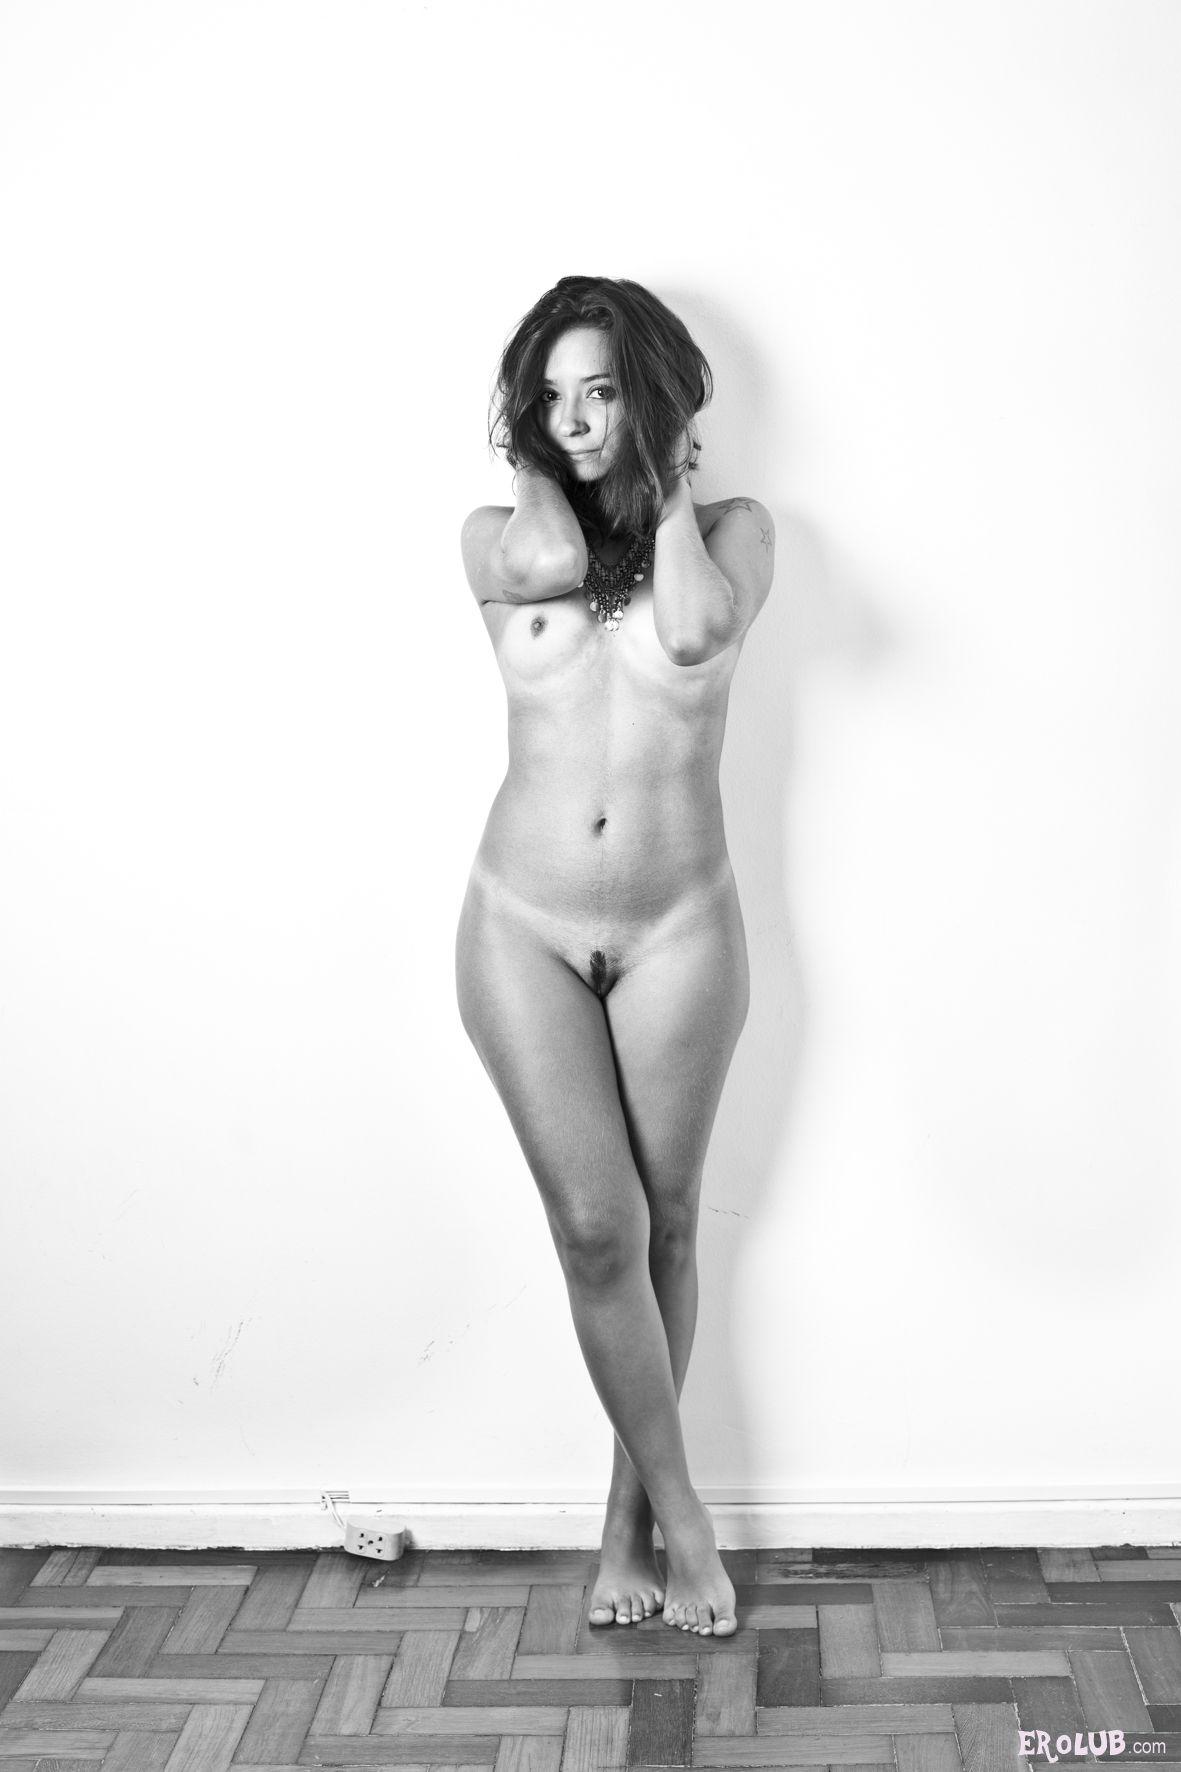 Фото голых стройных женских фигур